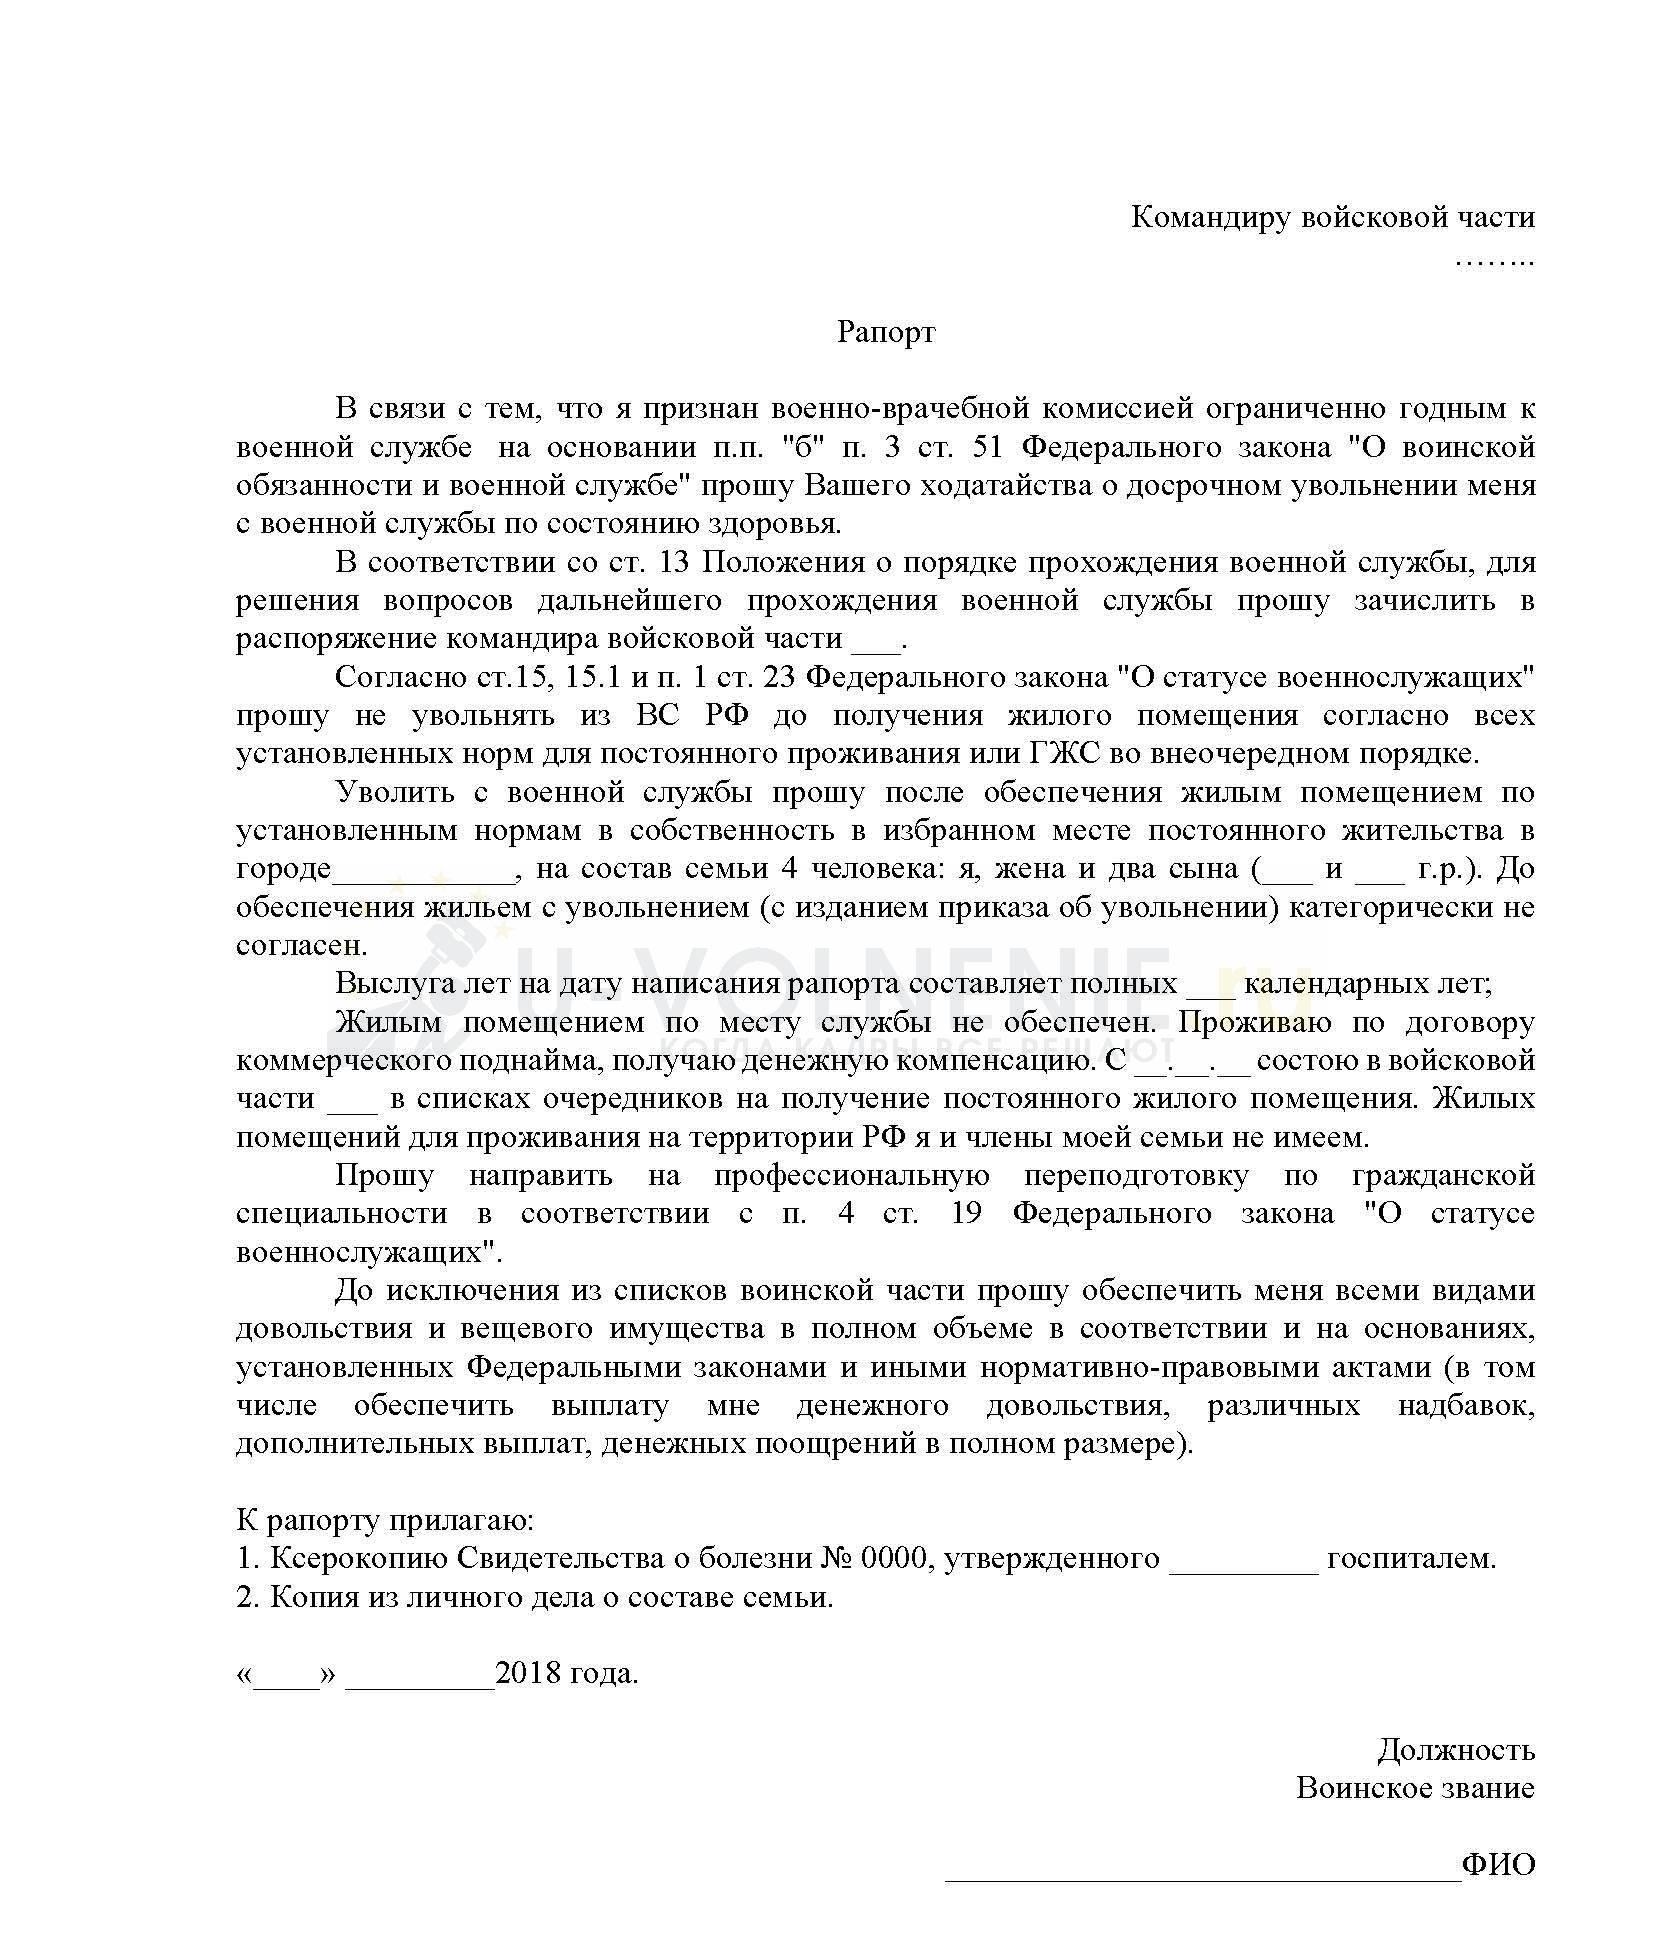 Рапорт на увольнение военнослужащего по призыву